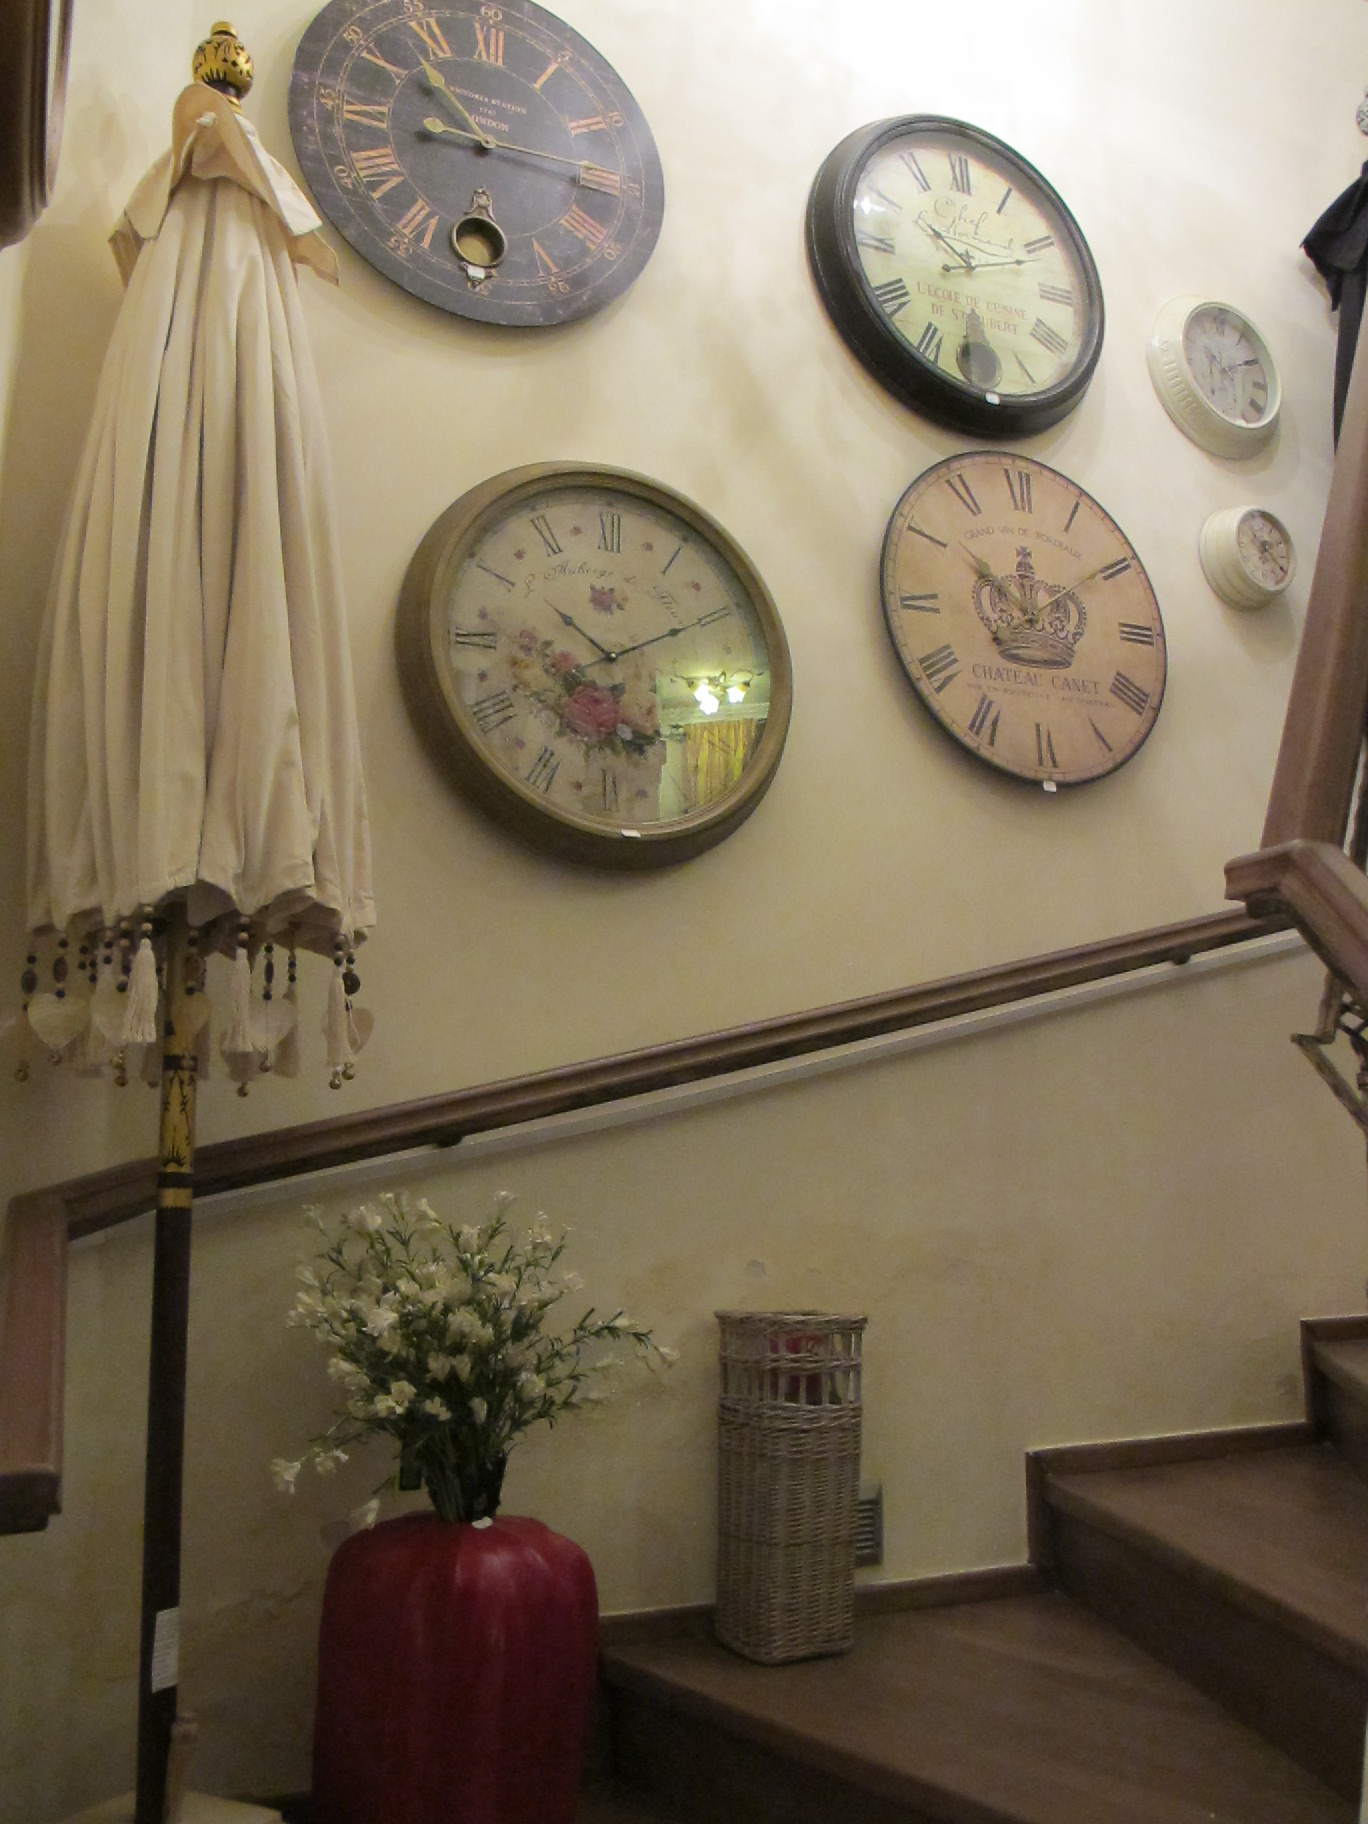 Ceasuri la Pierrot decoratiuni cu preturi incepand de la 200 lei